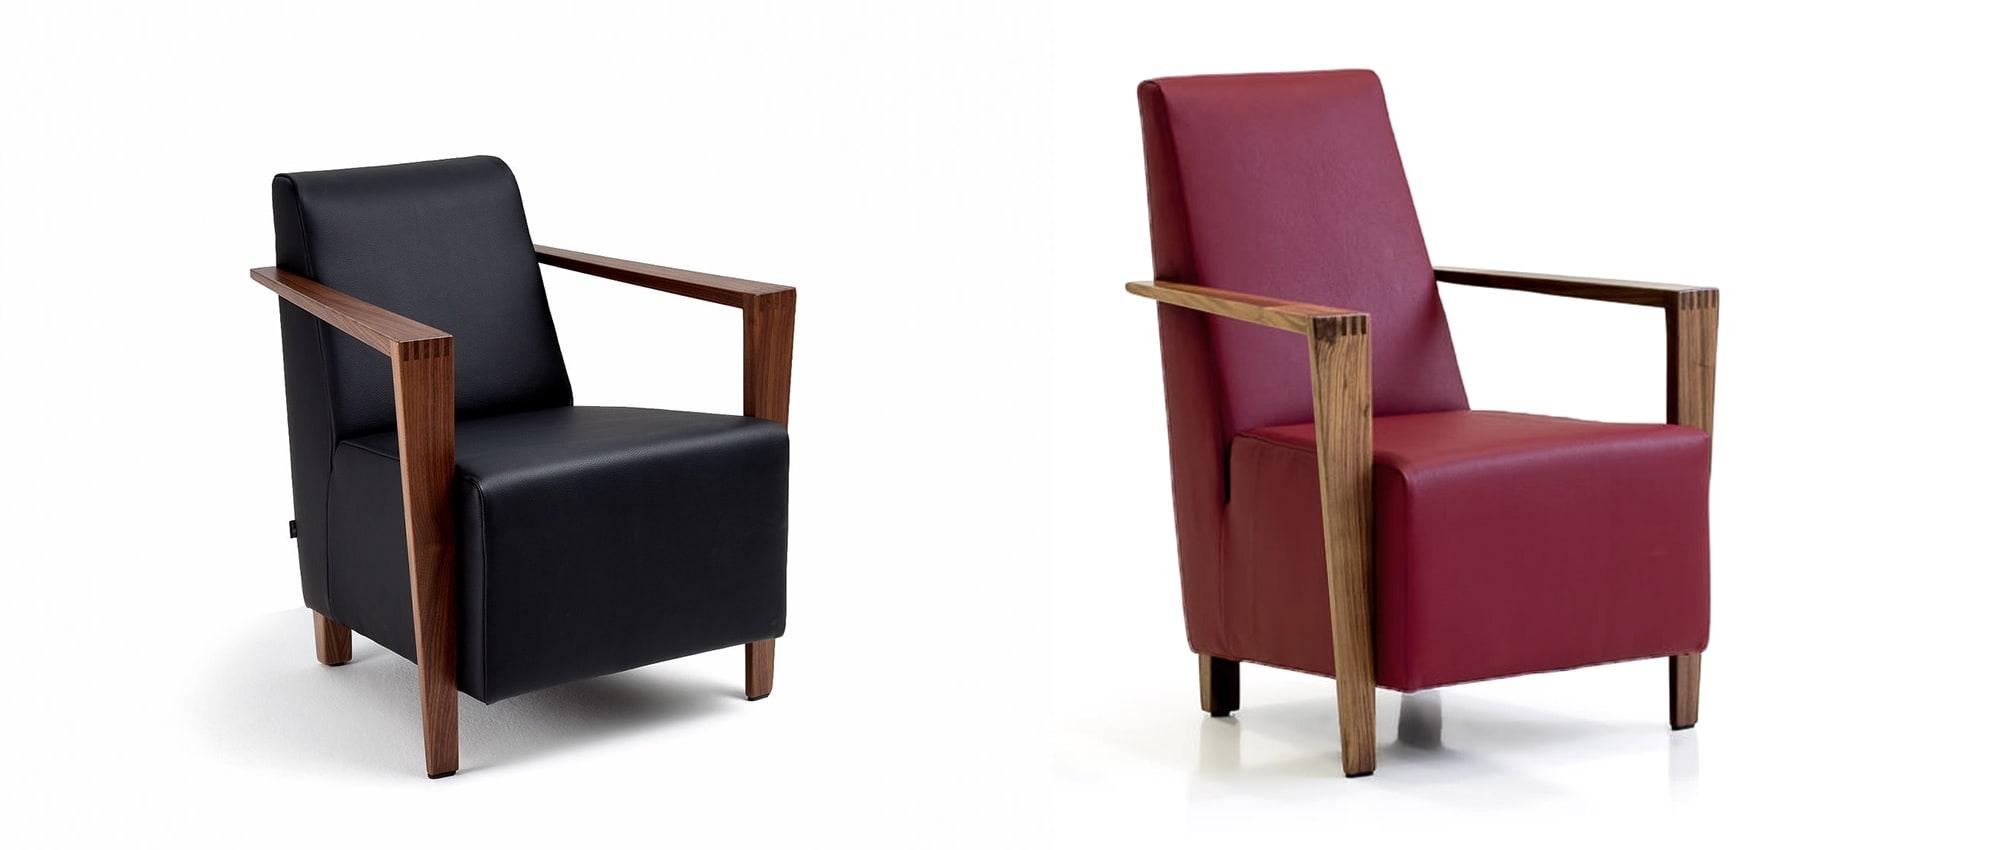 DRESDEN Sessel von Franz Fertig mit unterschiedliche hohen Rückenlehnen in Leder schwarz und rot